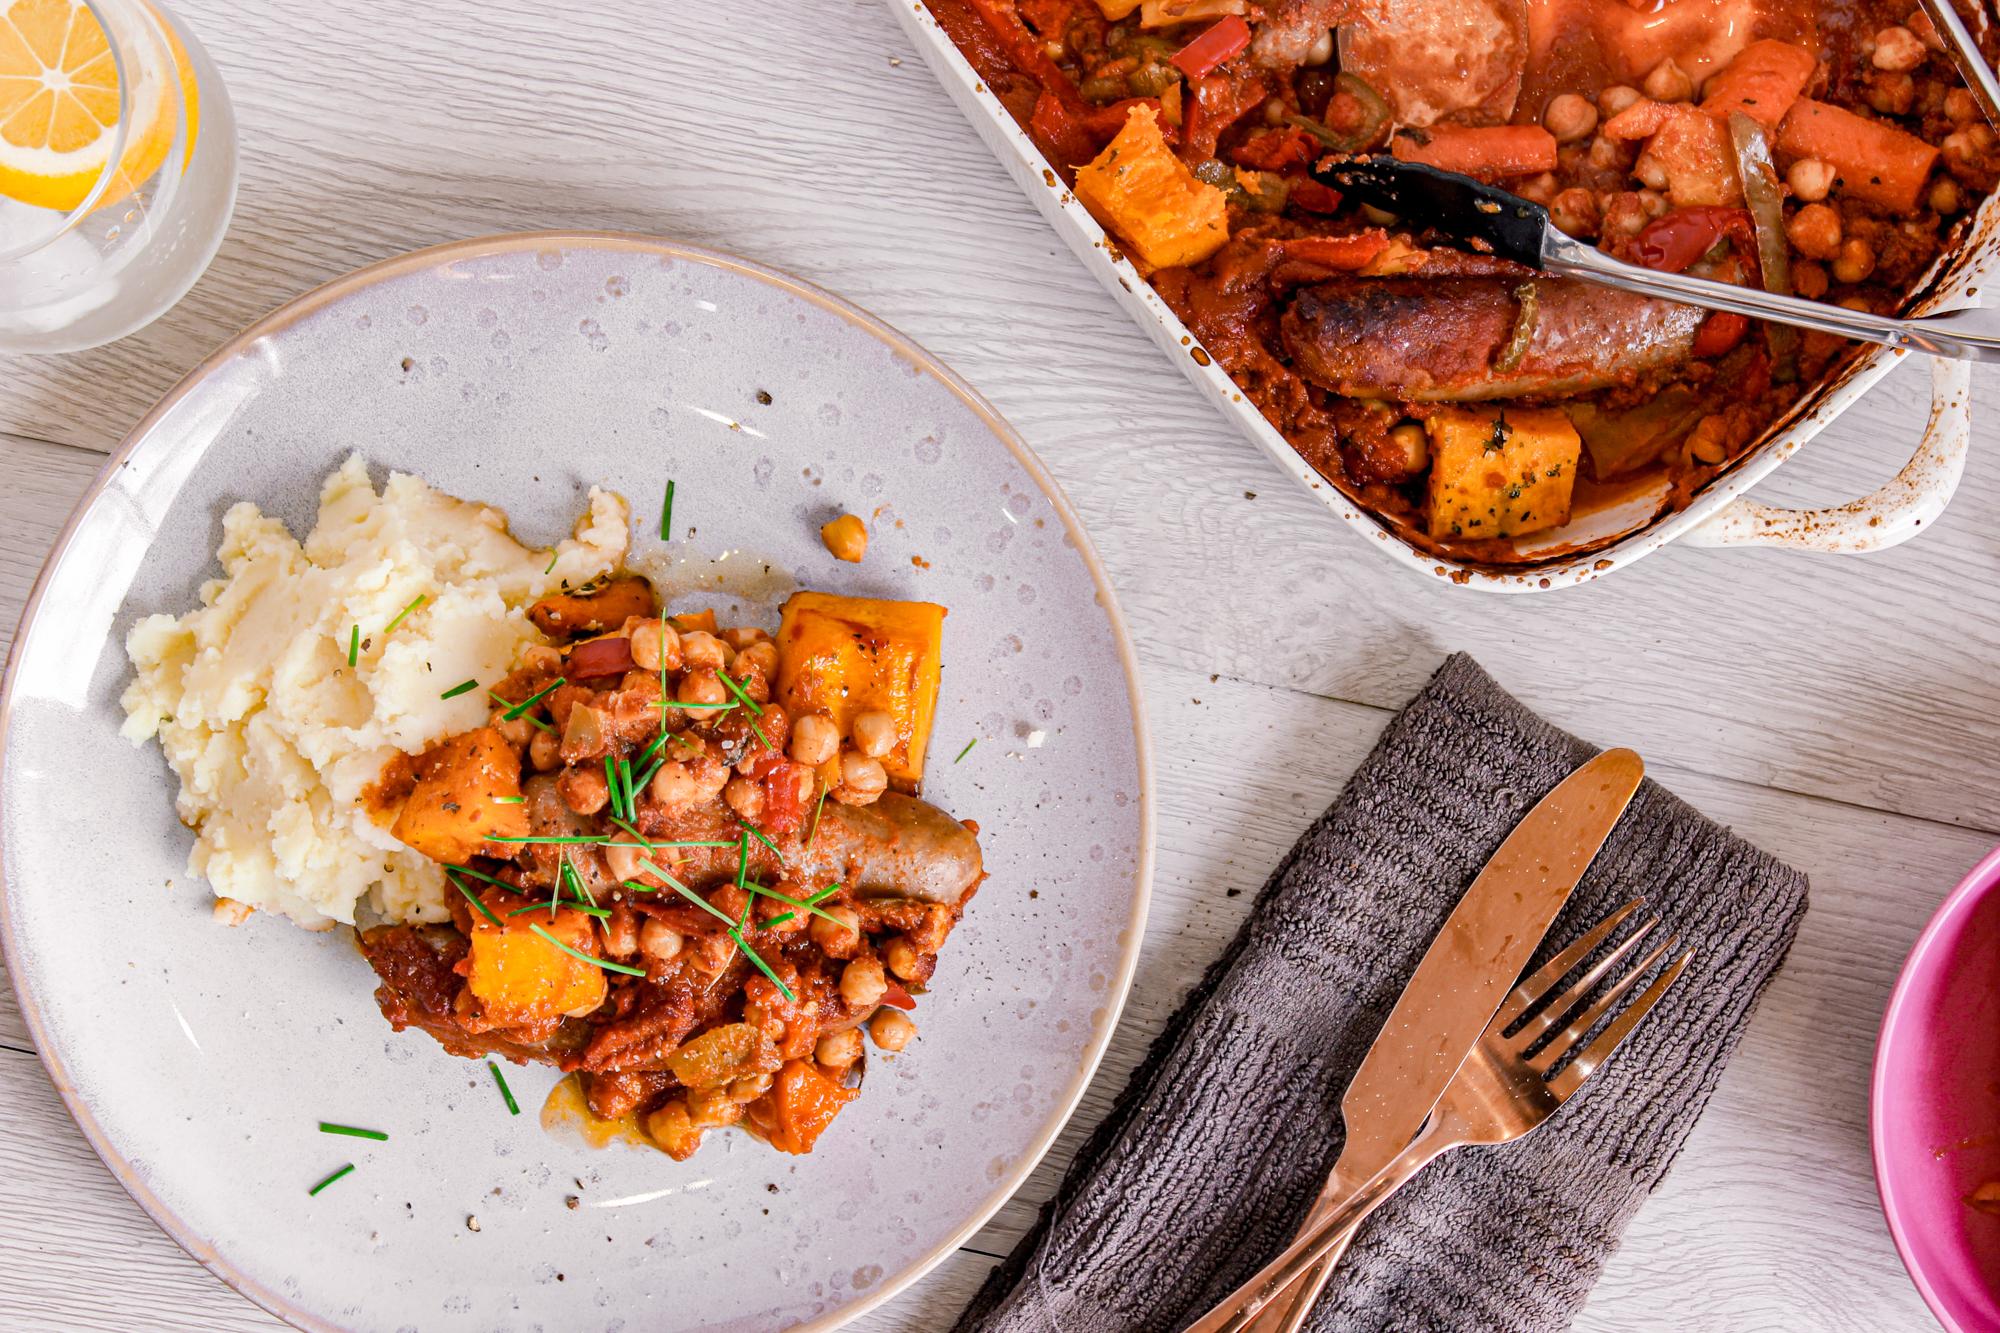 Mediterranean sausage bake